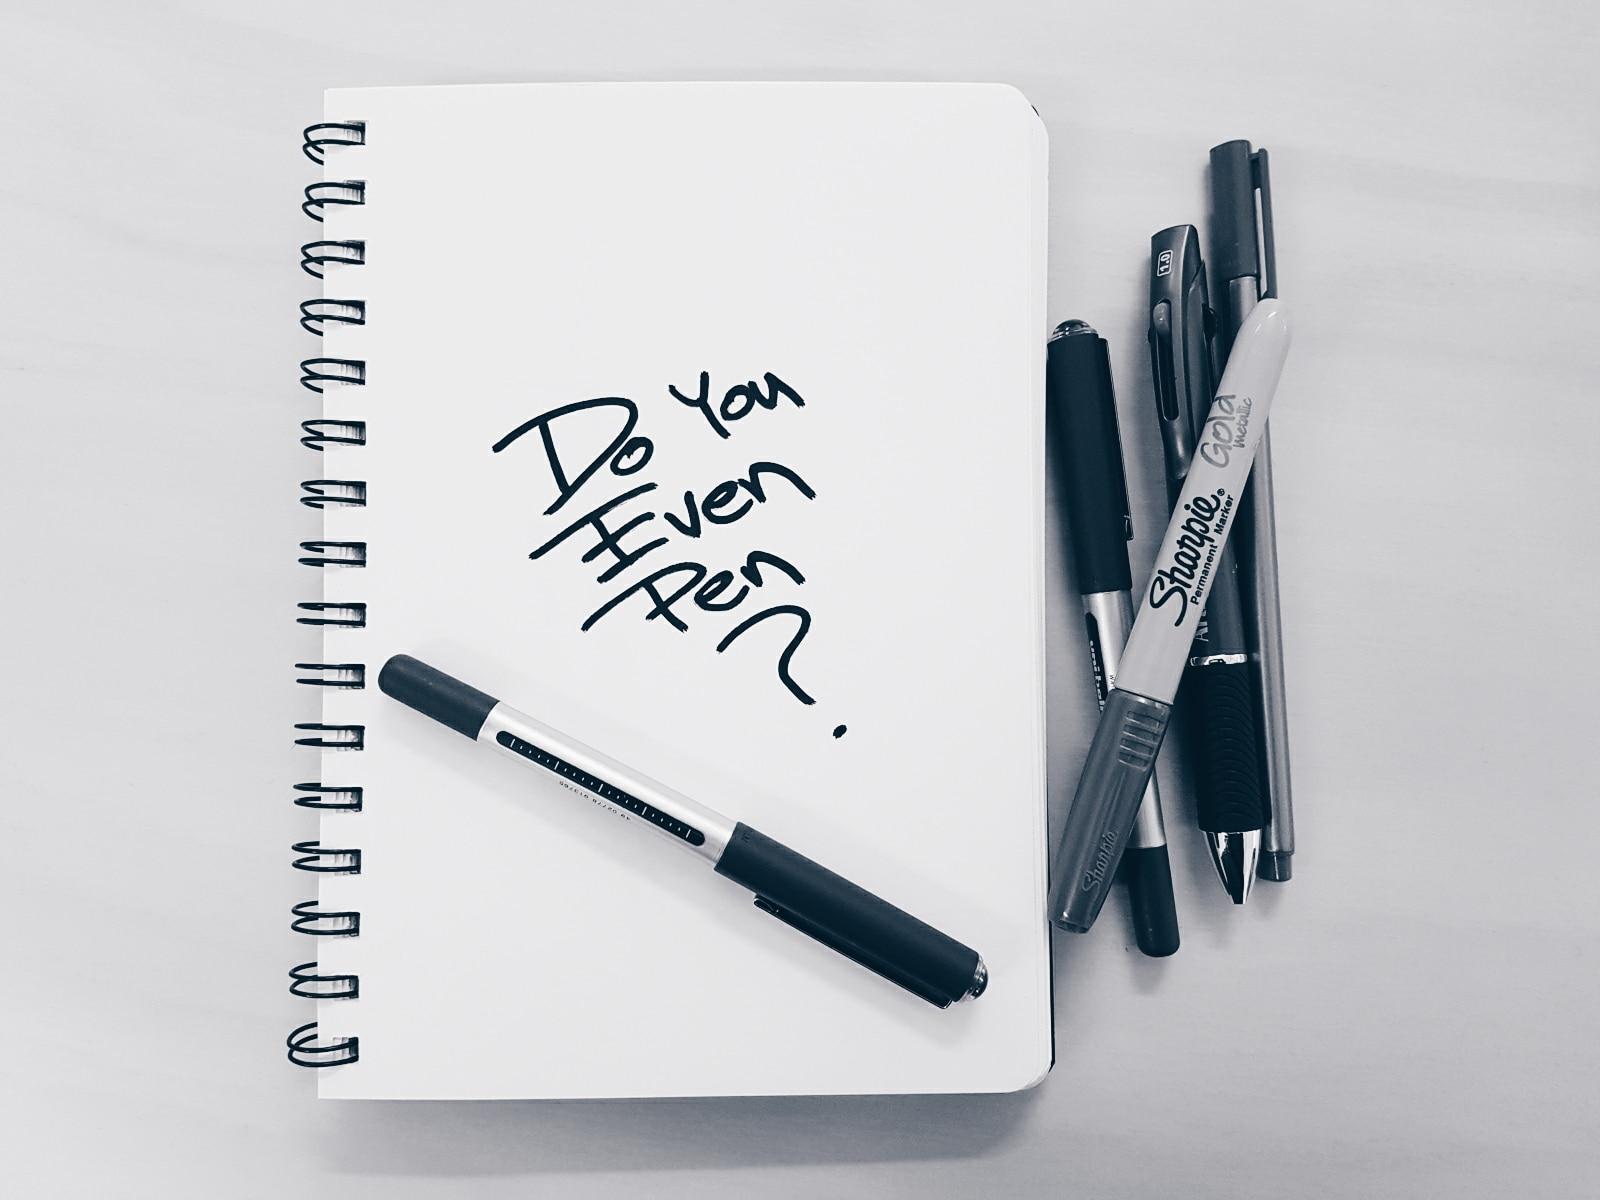 do you even pen?